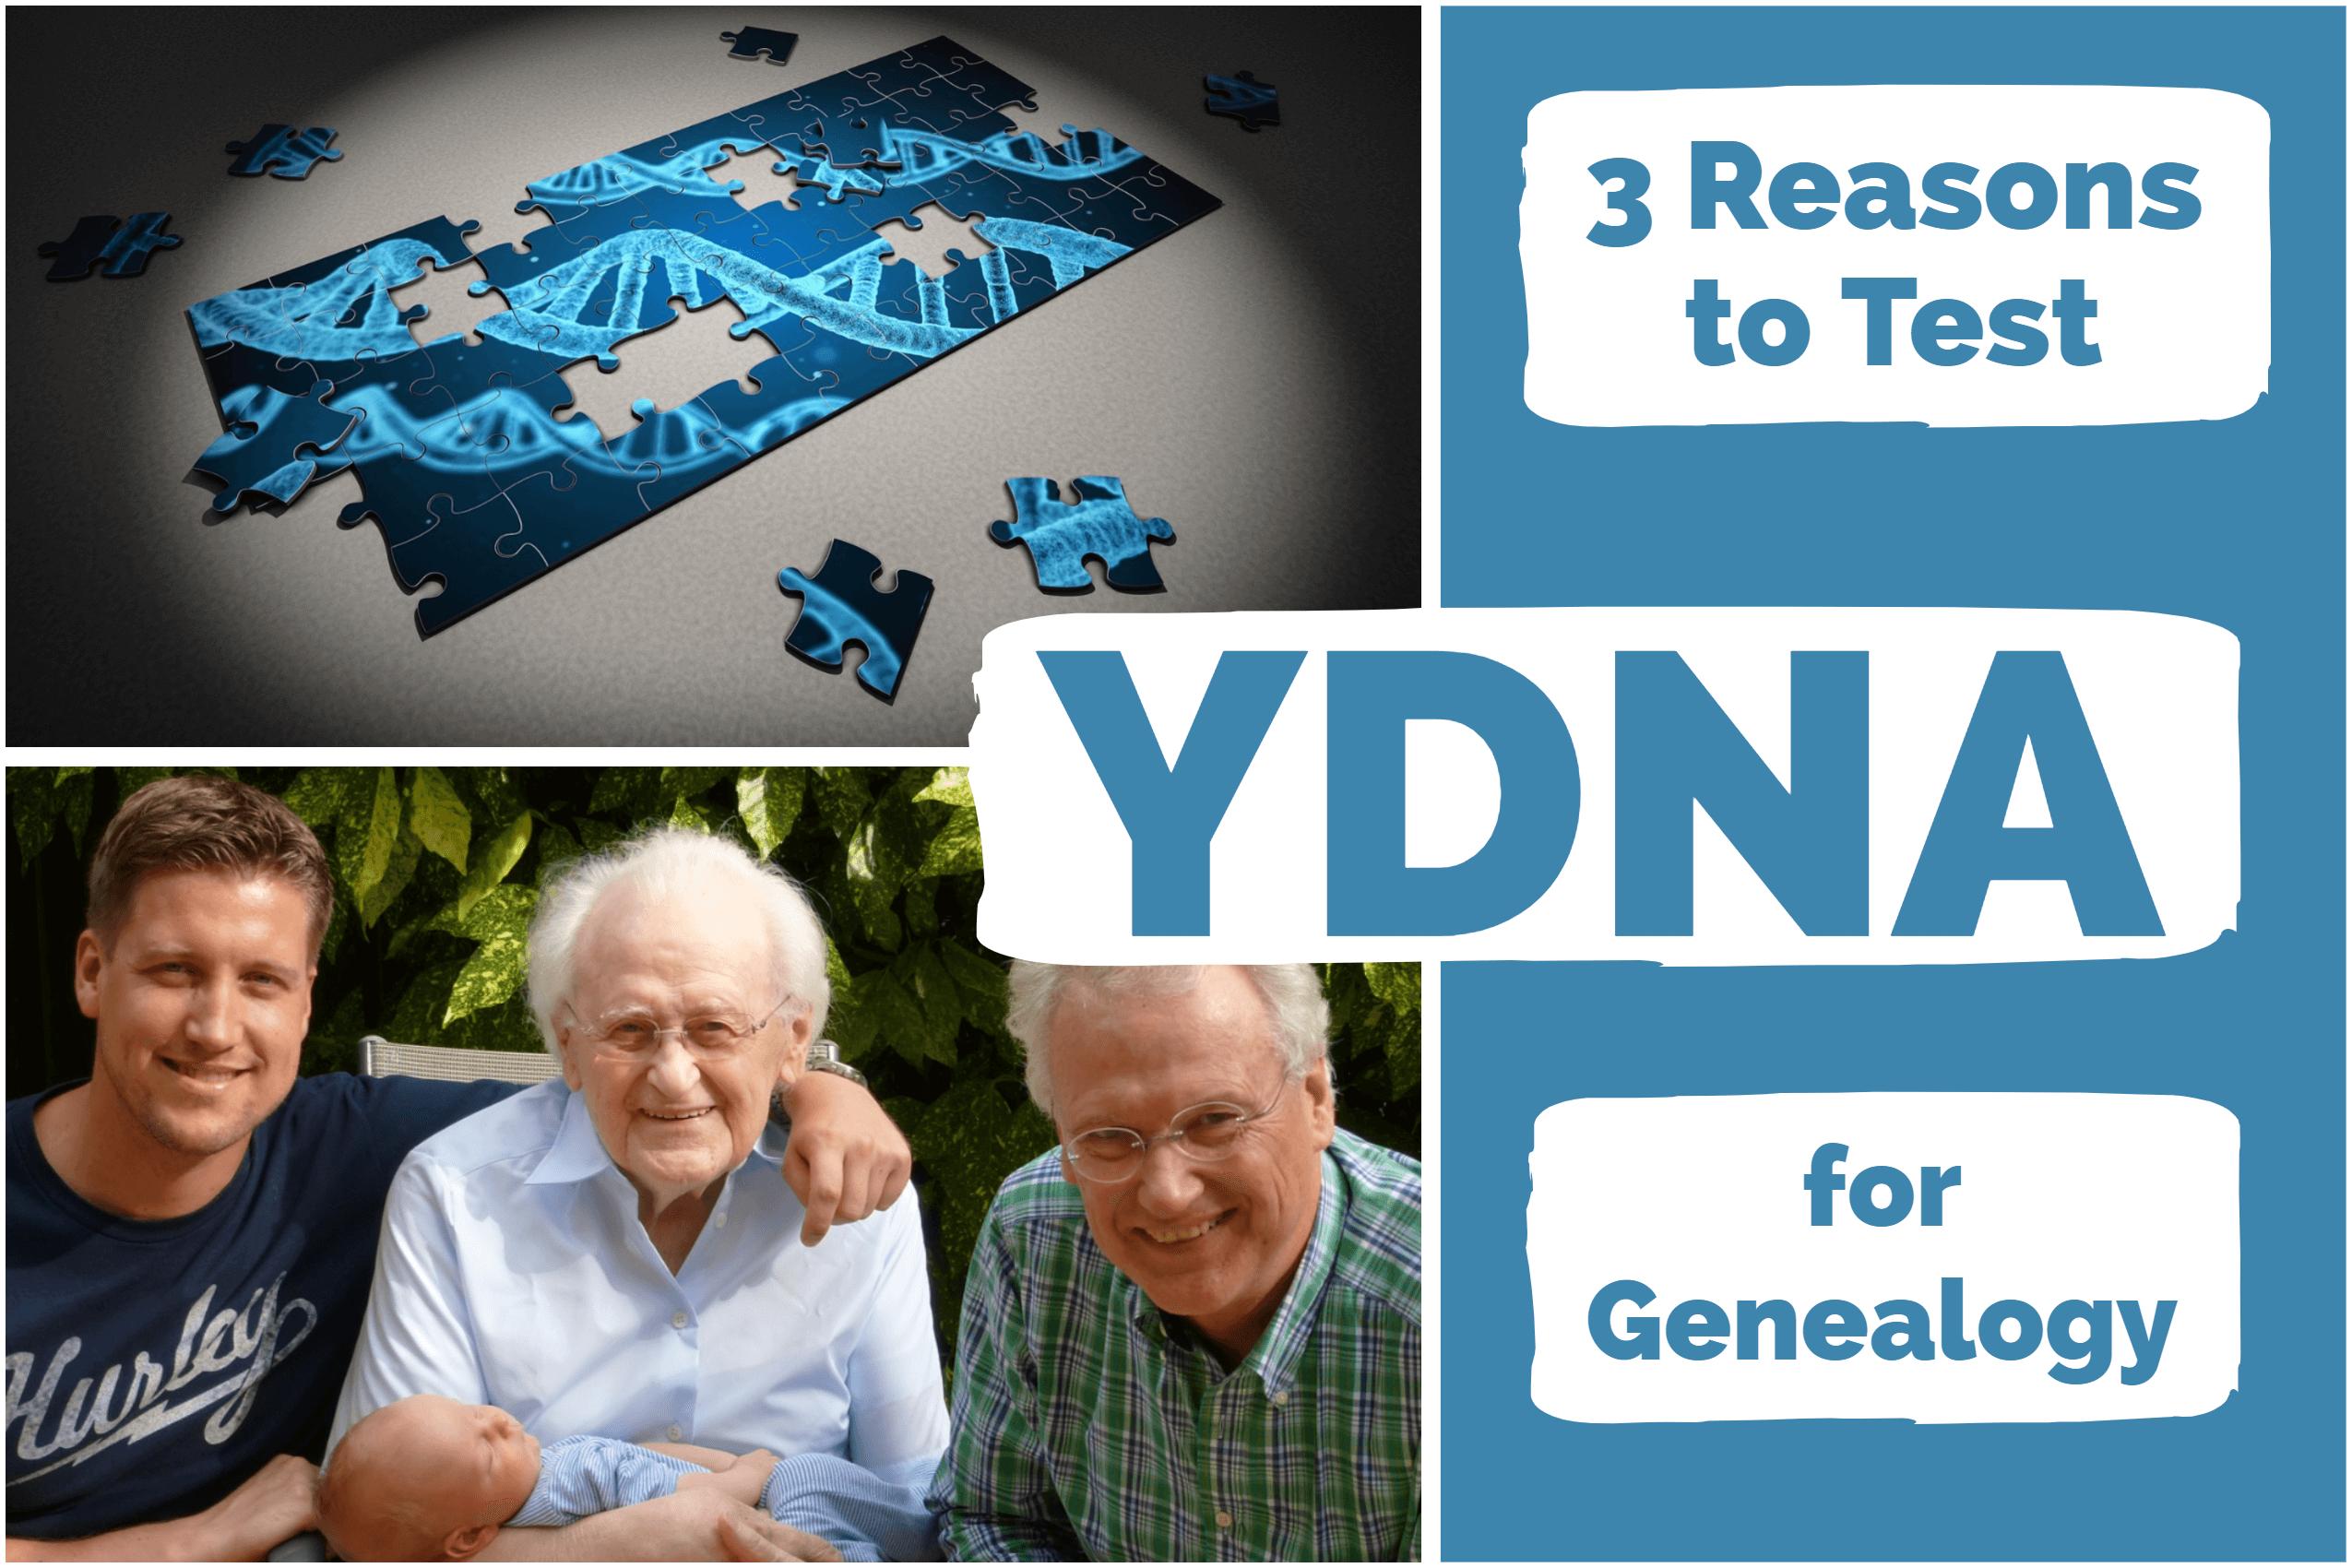 YDNA for Genealogy: 3 Scenarios When YDNA is Useful